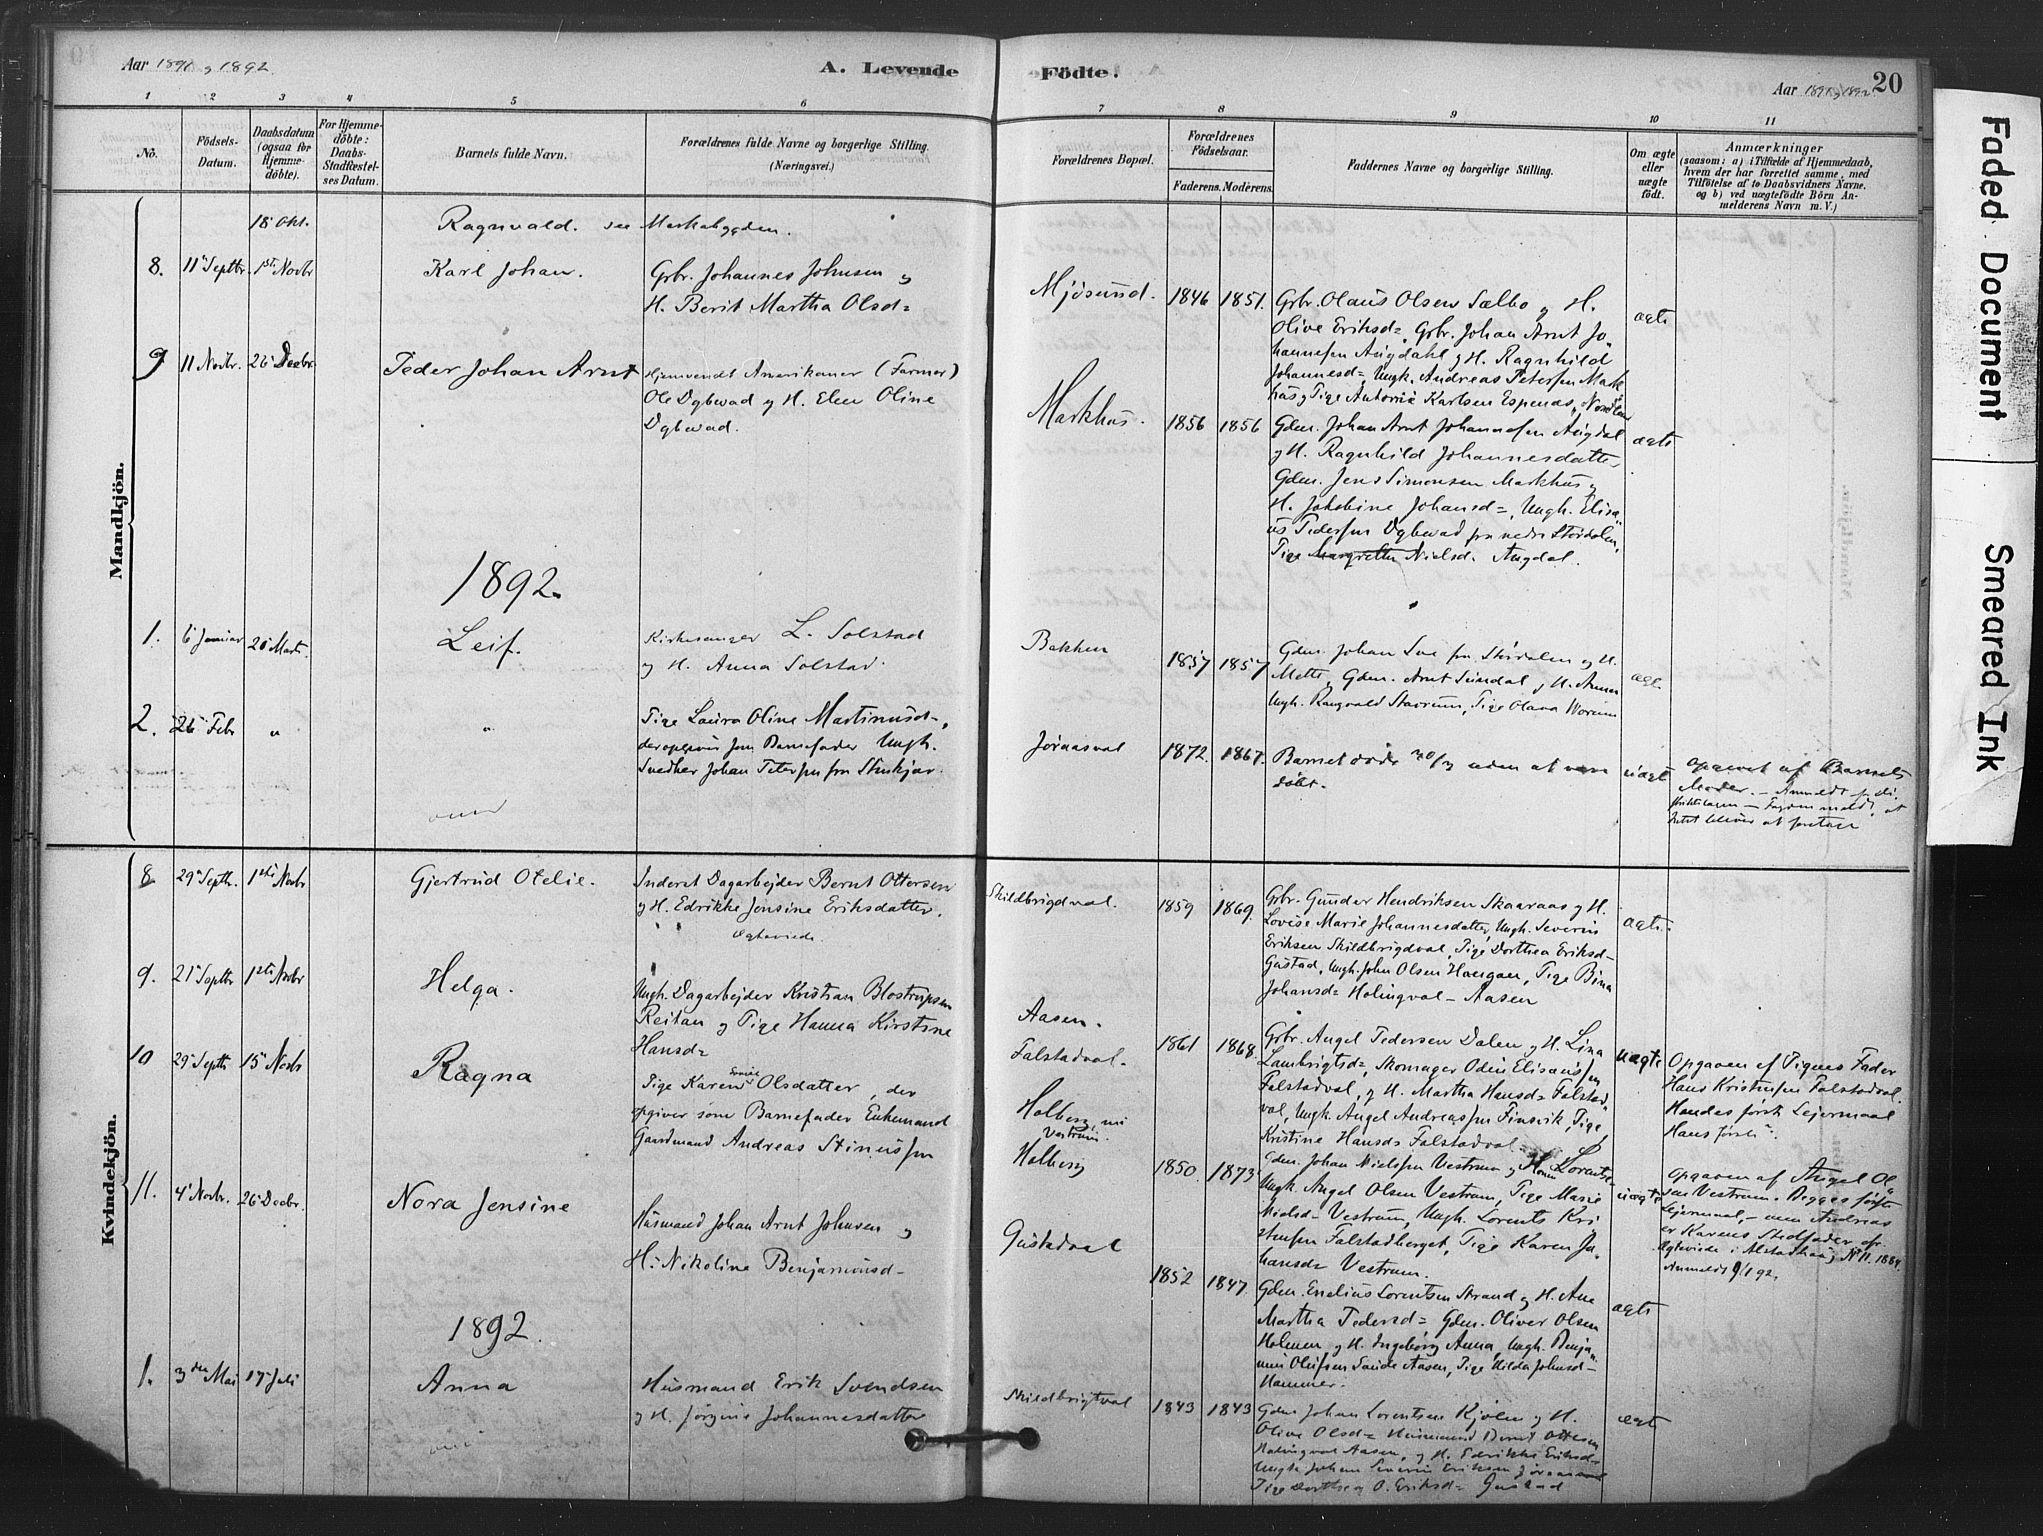 SAT, Ministerialprotokoller, klokkerbøker og fødselsregistre - Nord-Trøndelag, 719/L0178: Ministerialbok nr. 719A01, 1878-1900, s. 20